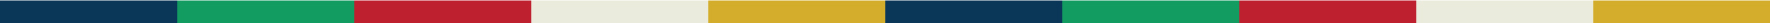 colorbarrev.jpg